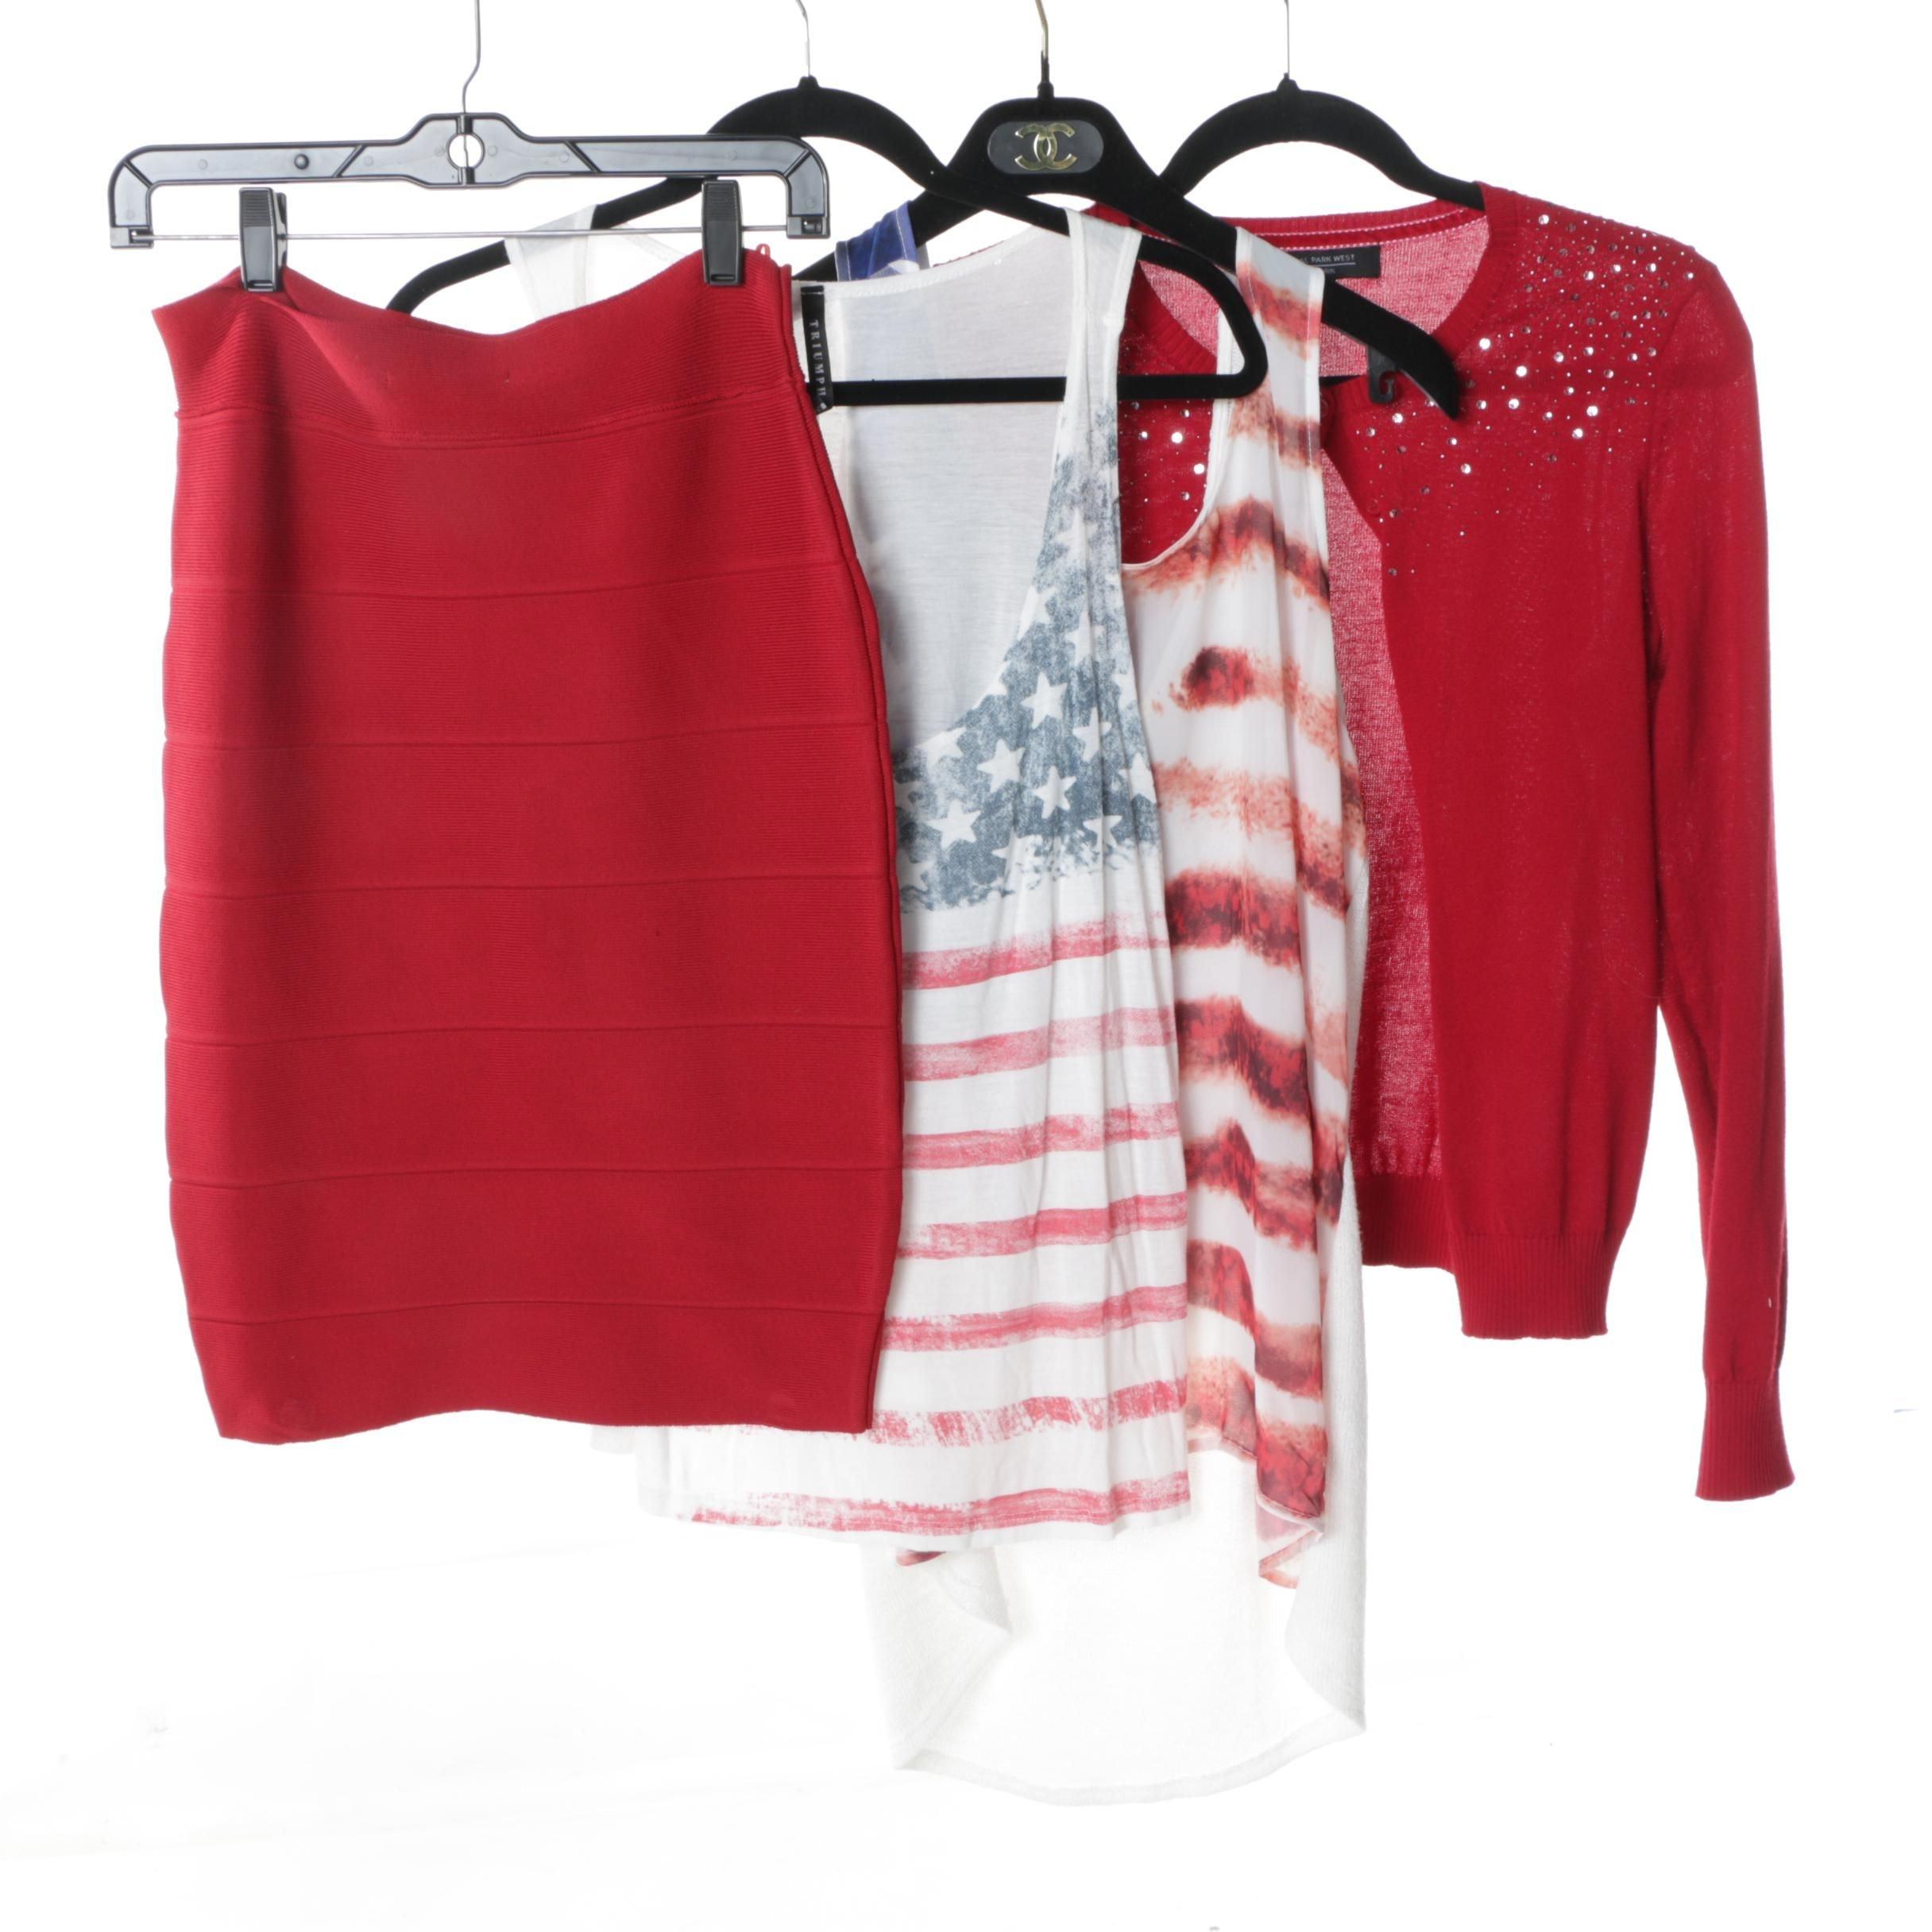 Women's Clothing Including Gianni Bini